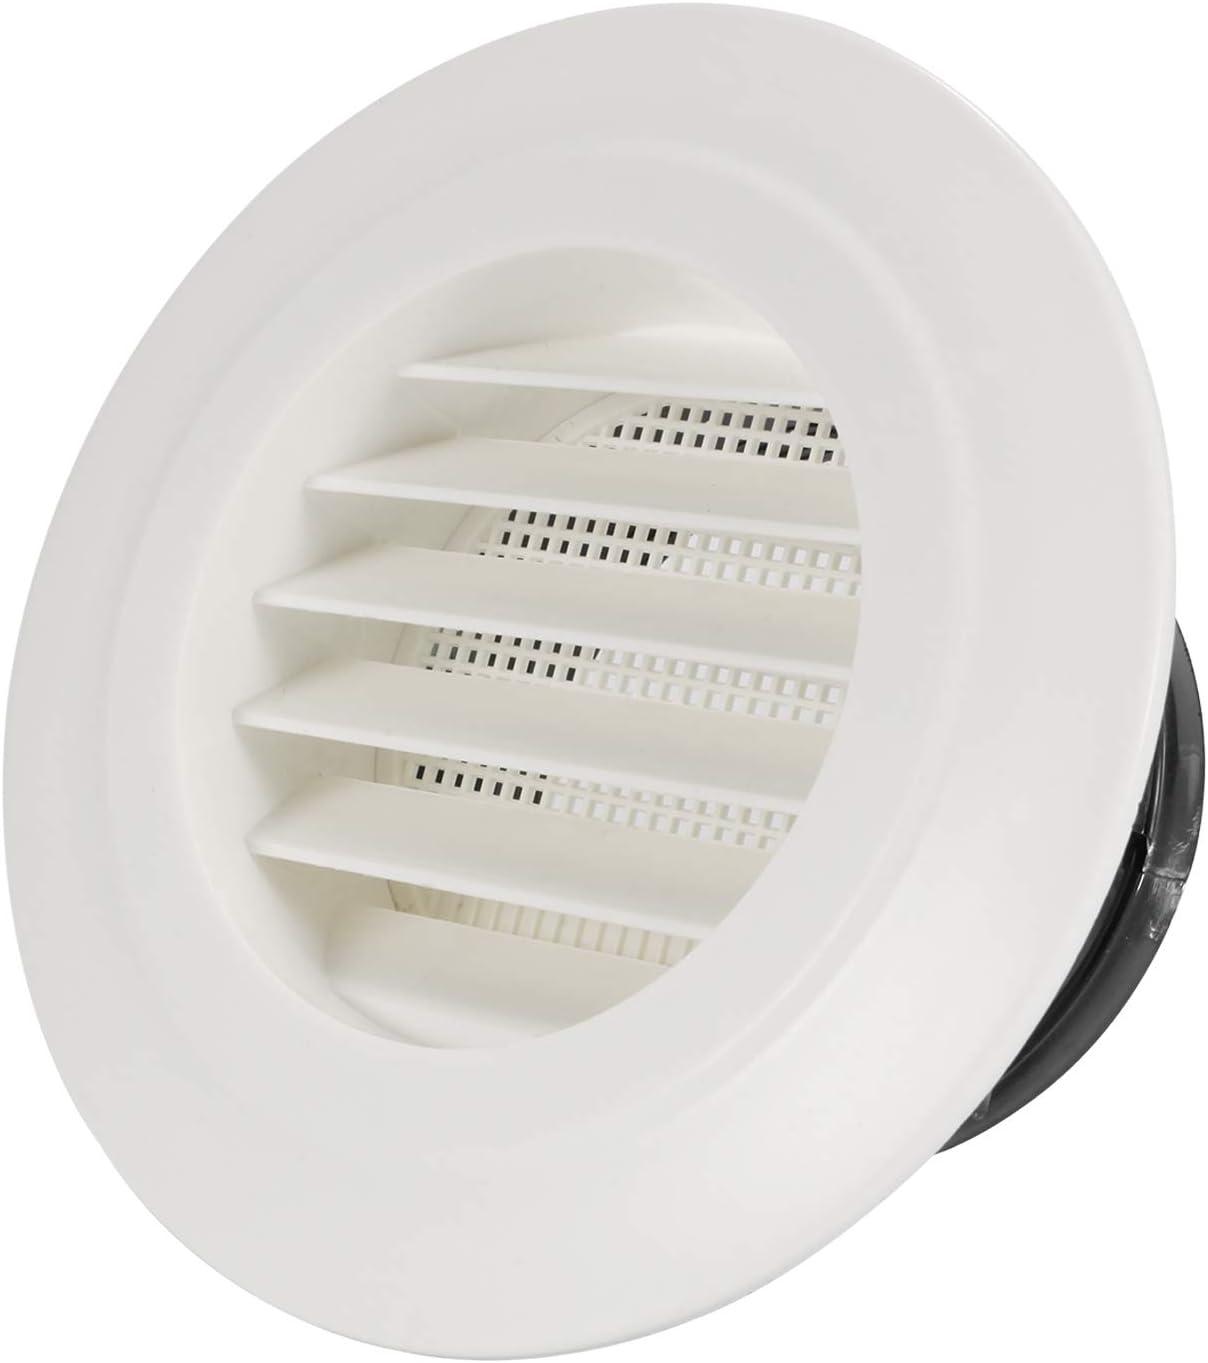 Hon&Guan ø100mm Ronda Rejilla de Ventilación ABS con Protección Contra Insectos , Respiraderos de Láminas para Baño Habitación Oficina (ø100mm): Amazon.es: Bricolaje y herramientas